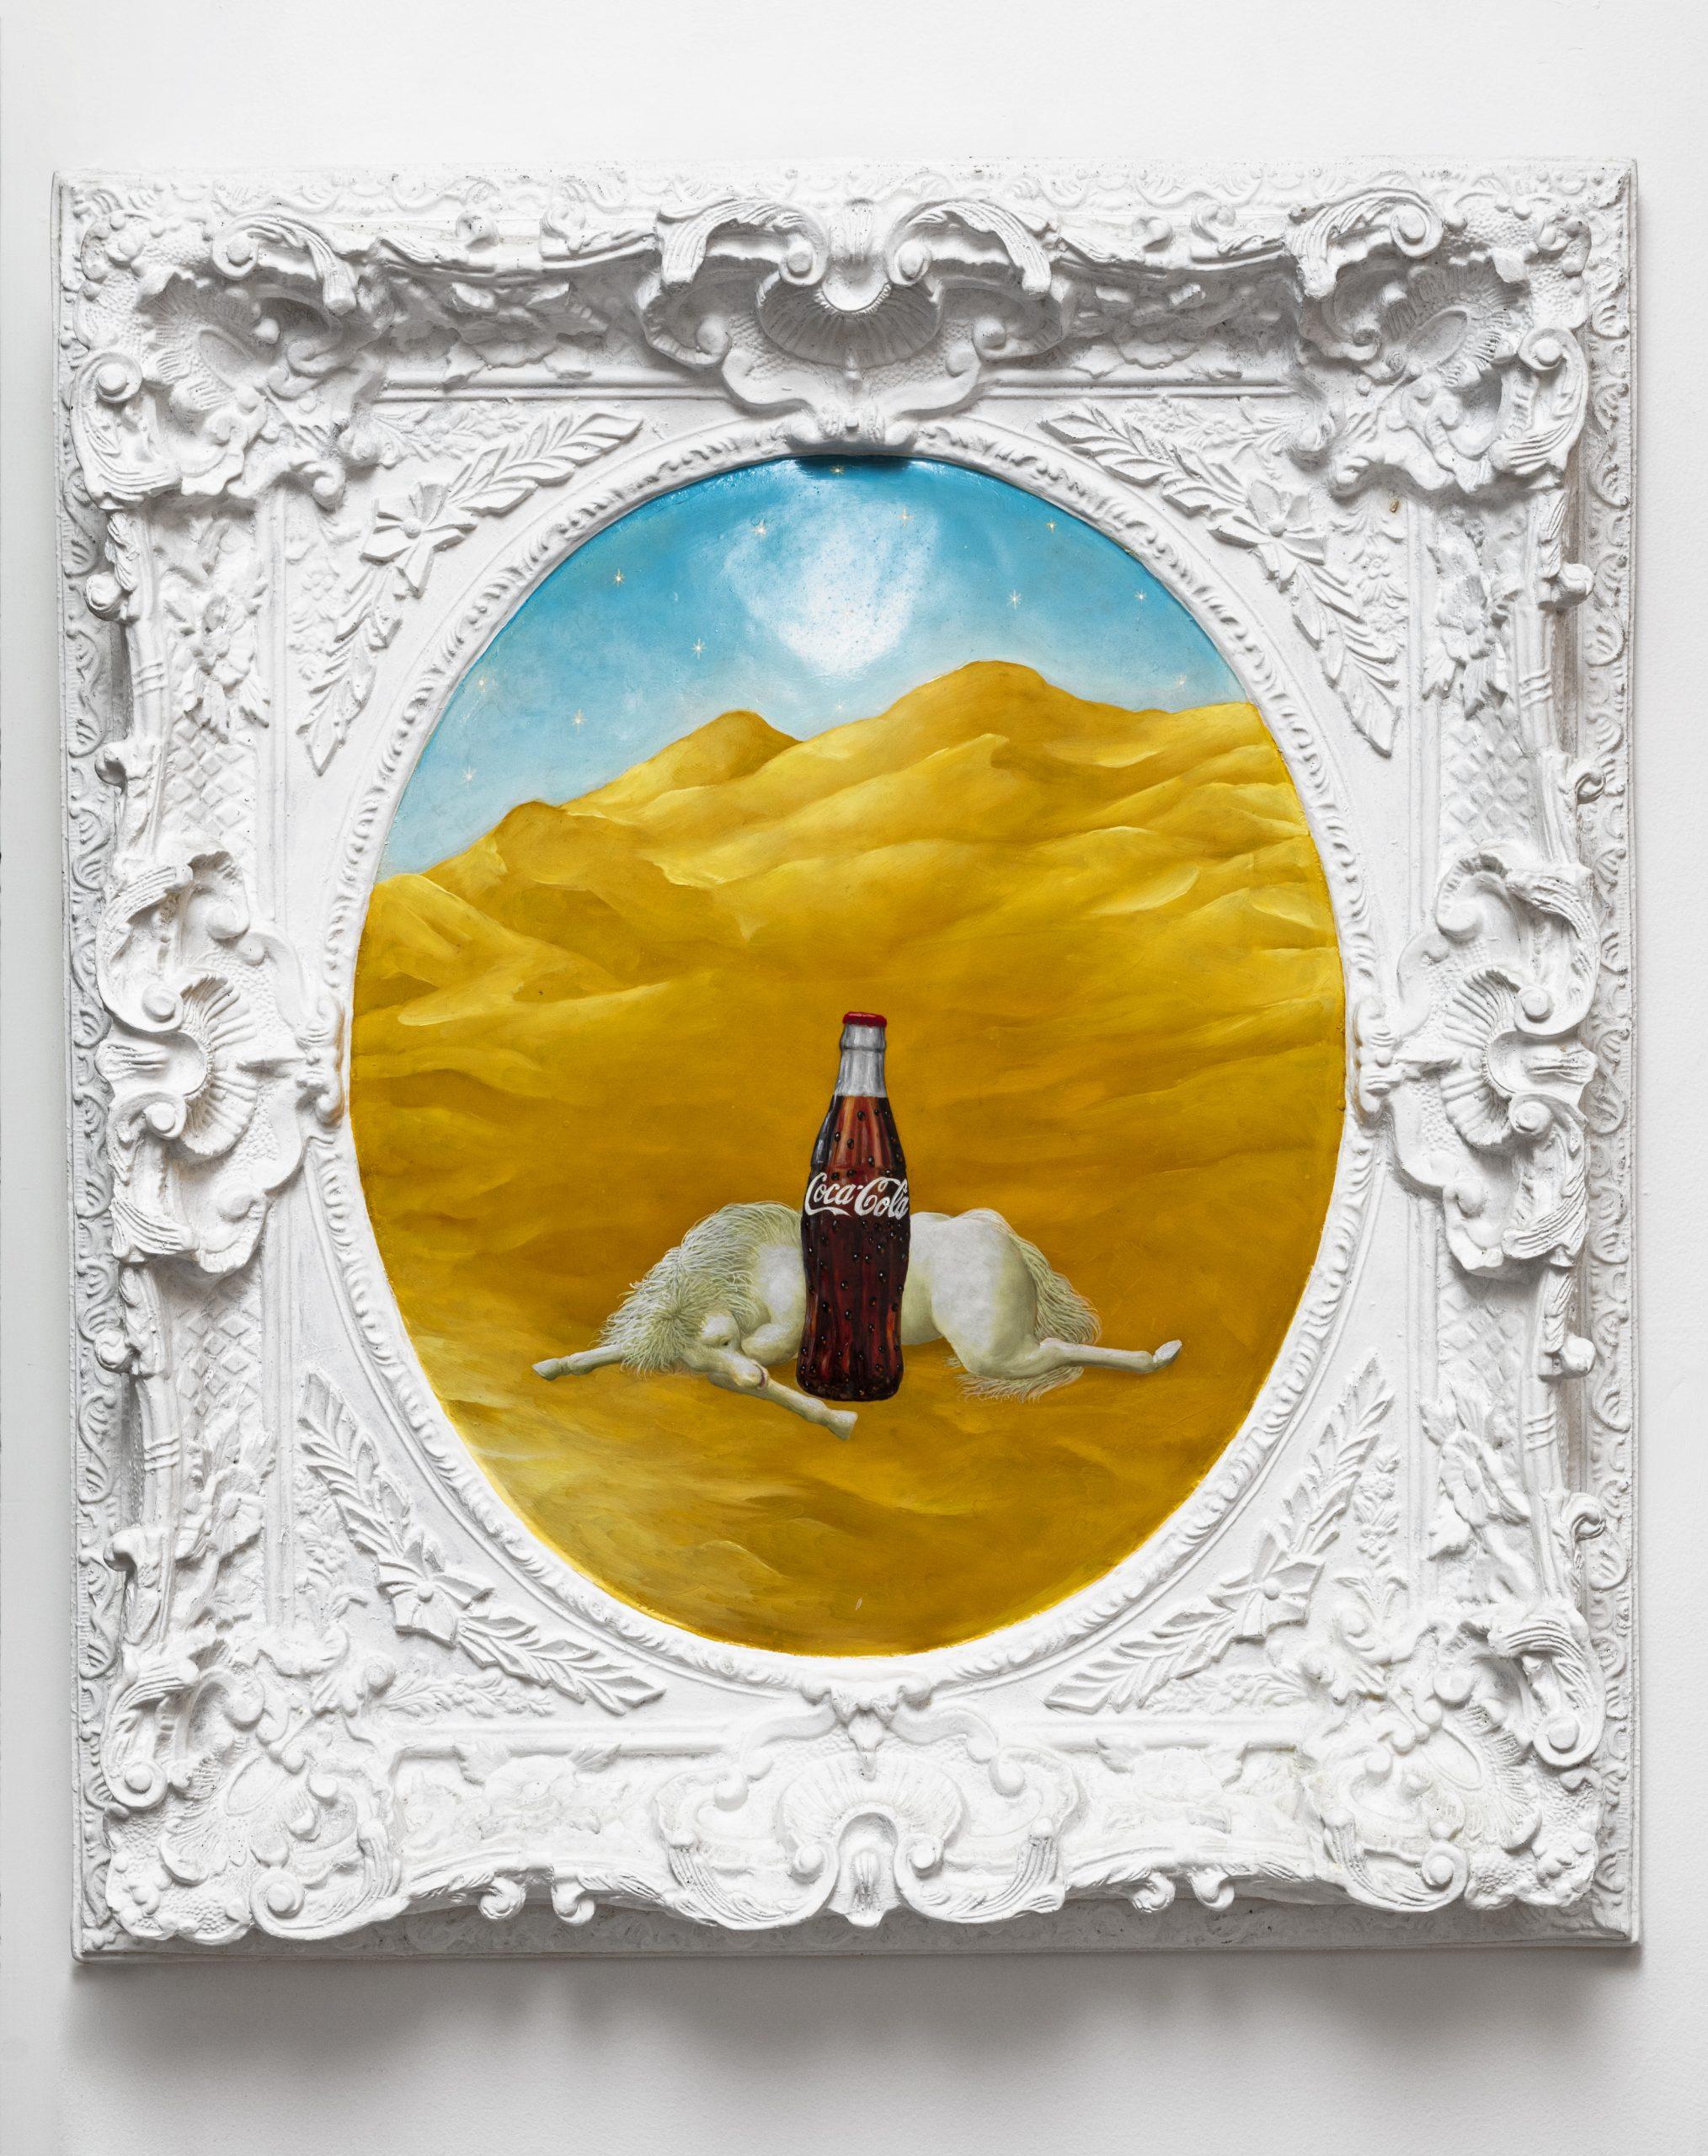 Ramos, Jose Carlos - Caballo y Coca cola en marco de resina blanco